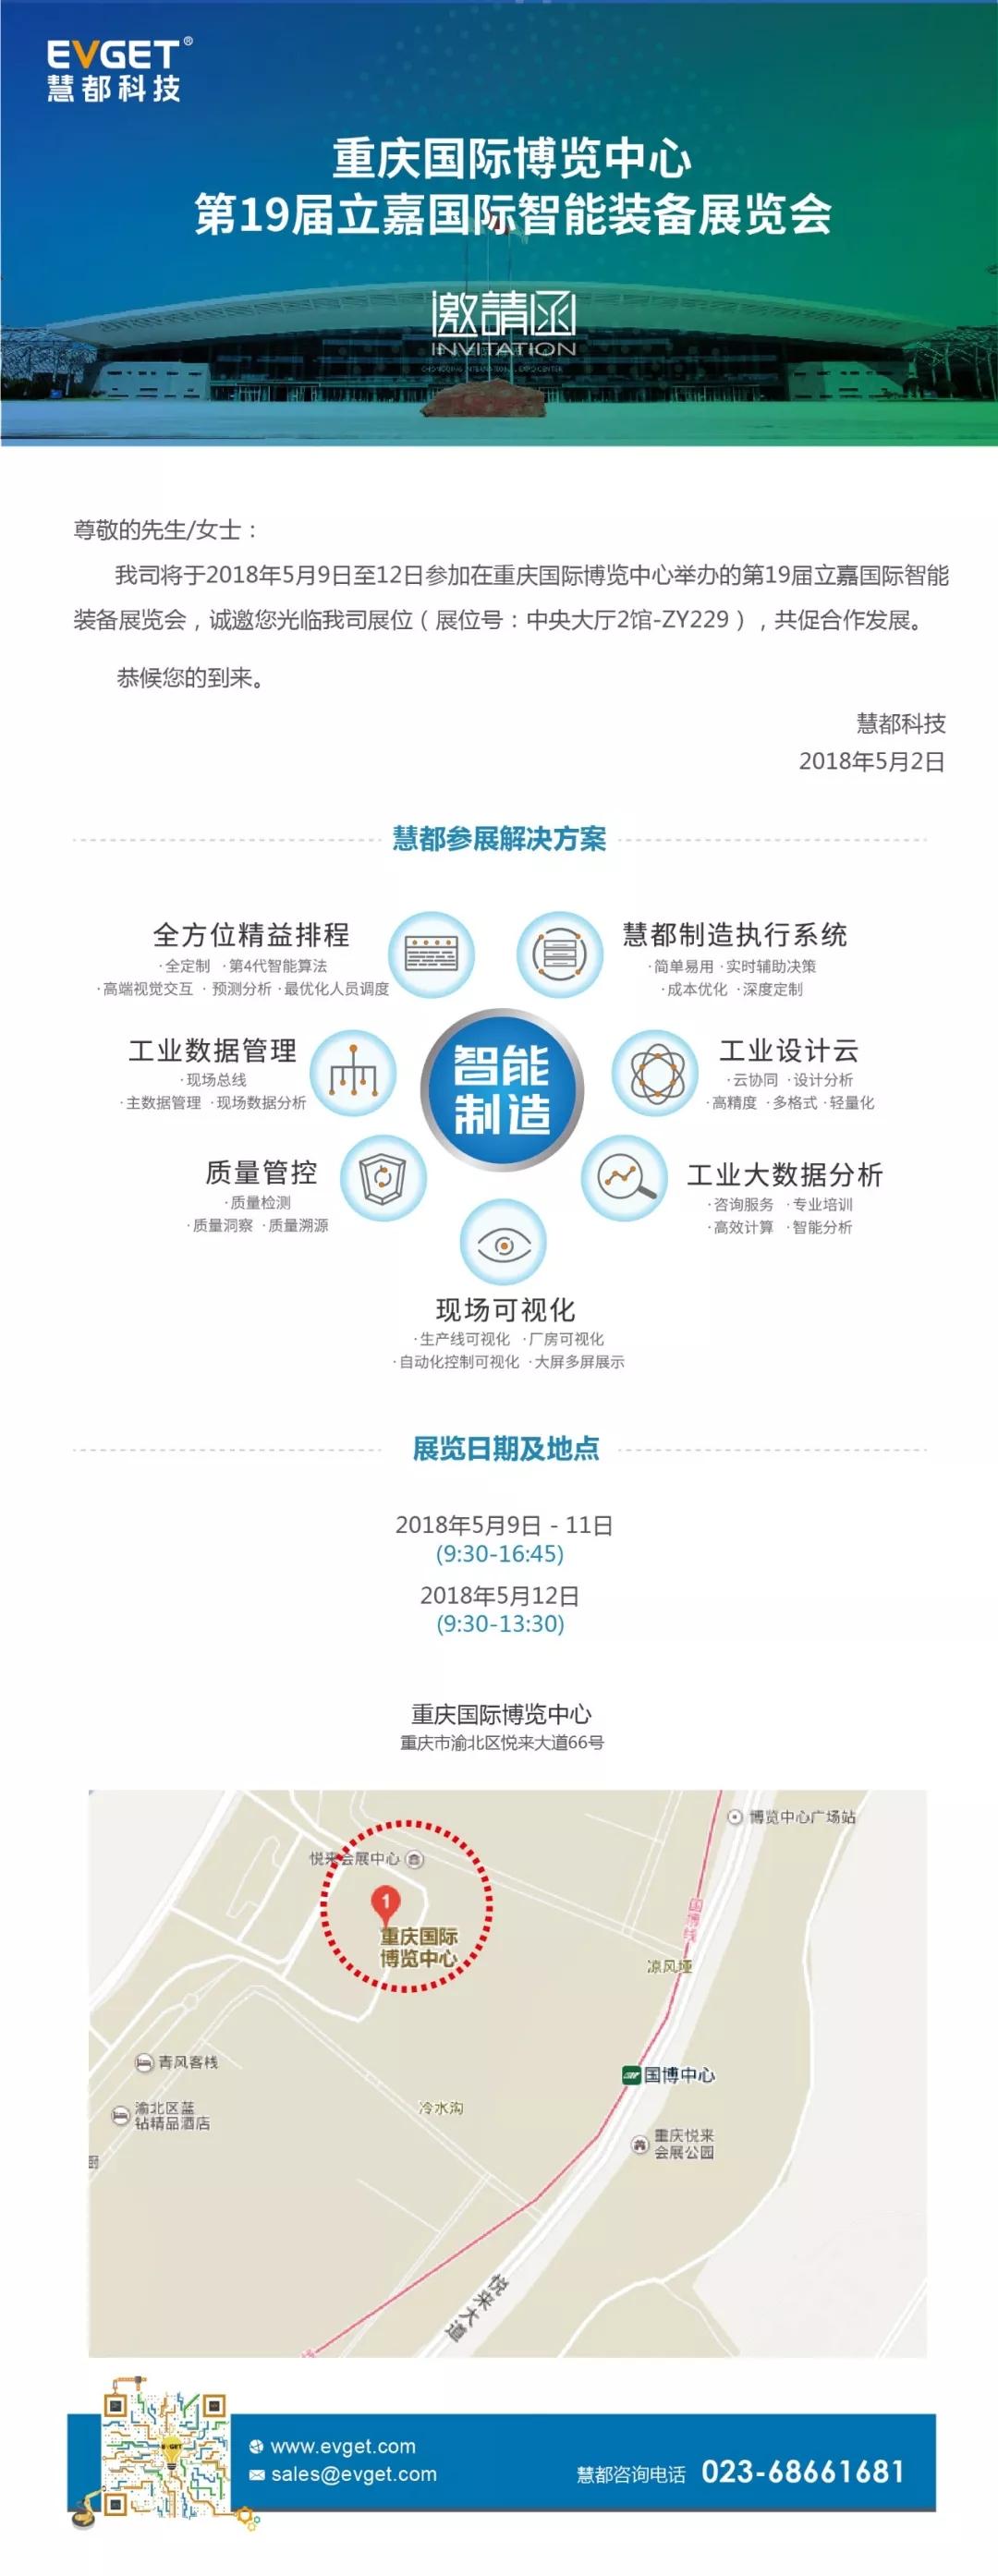 重庆立嘉国际智能装备展